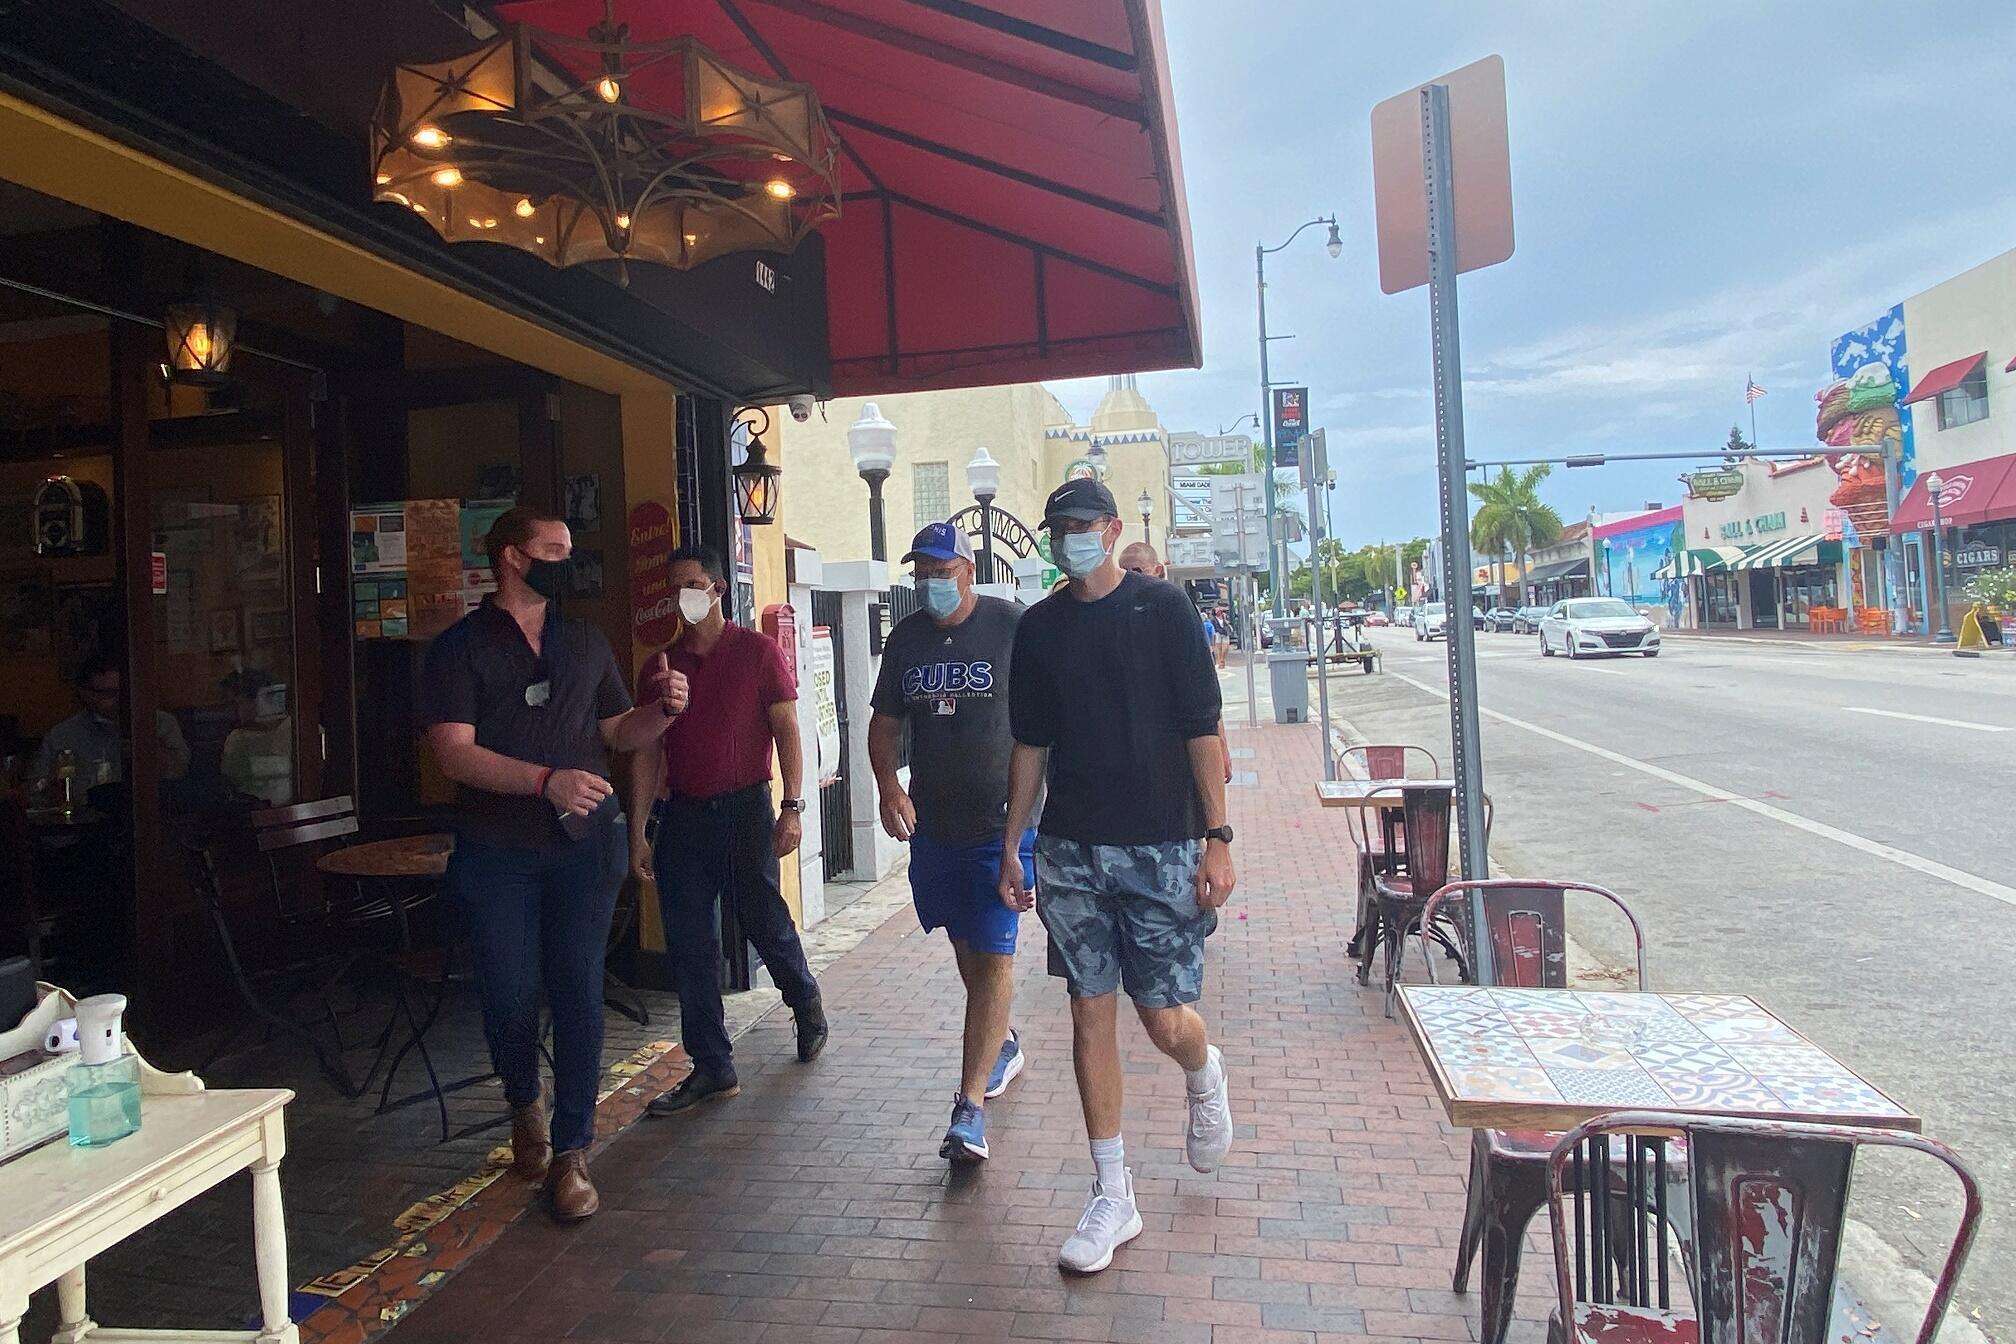 Port du masque et gel hydroalcoolique à disposition devant un bar du quartier Little Havana, à Miami, le 6 juillet 2020, en raison du Covid-19.